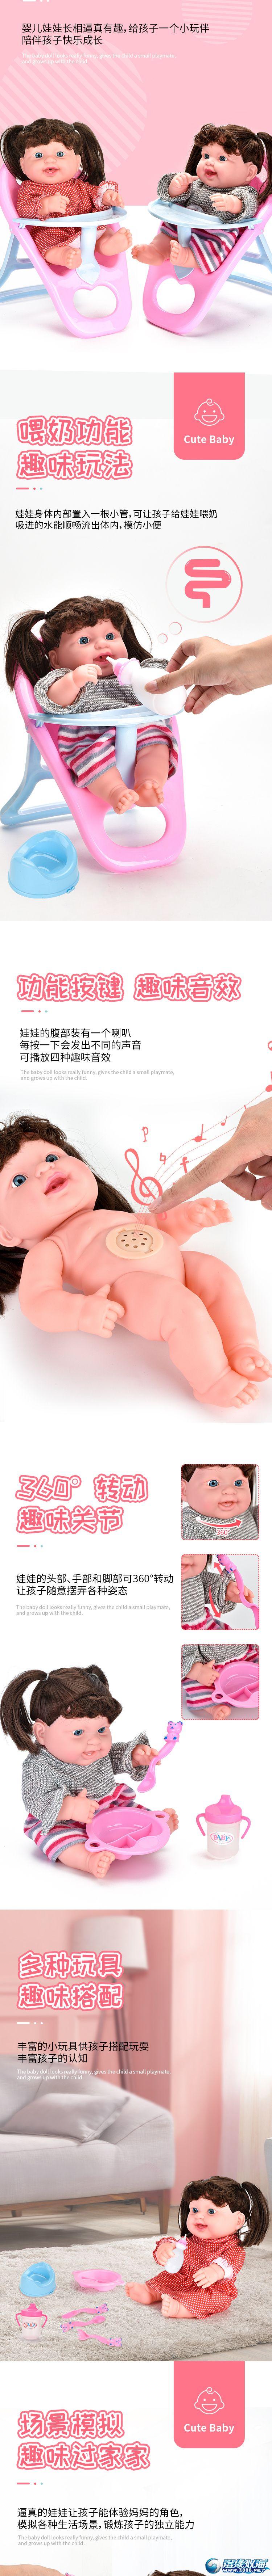 盛达玩具厂-(0916SW-6、0916SW-8)-仿真婴儿-中文版详情页源文件_02.jpg